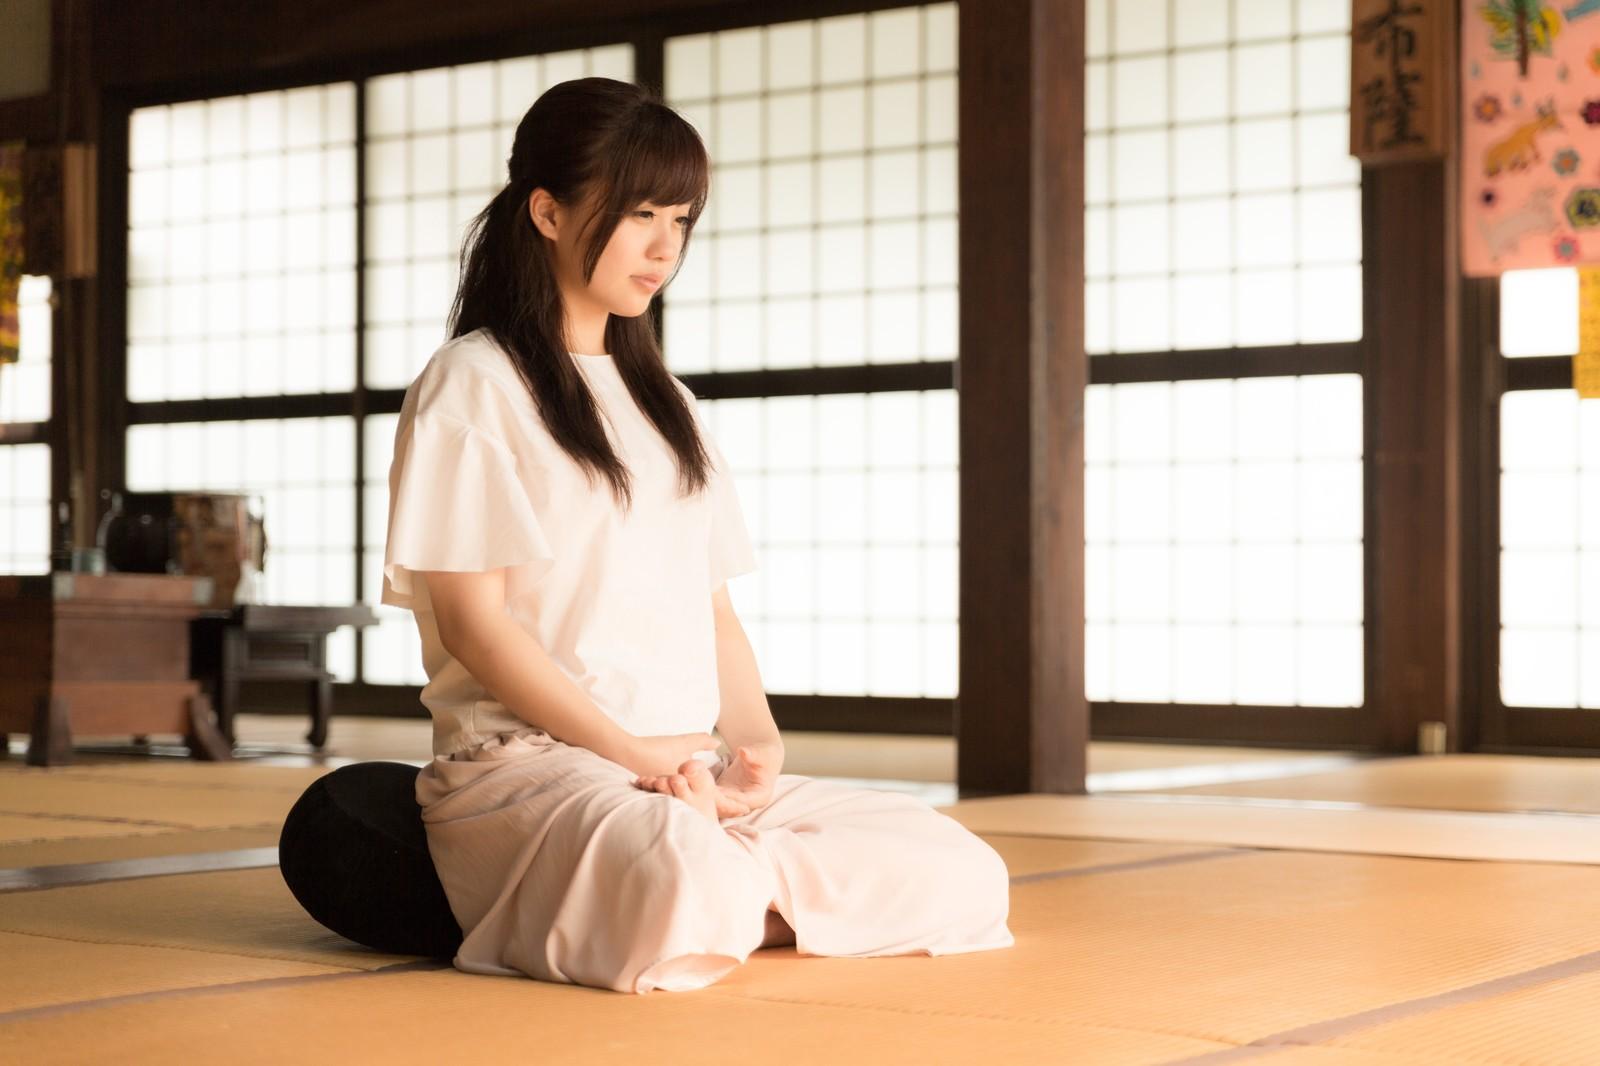 日本旅遊住宿新流行:「宿坊」體驗寺院之美,還能預約瀑布修行!